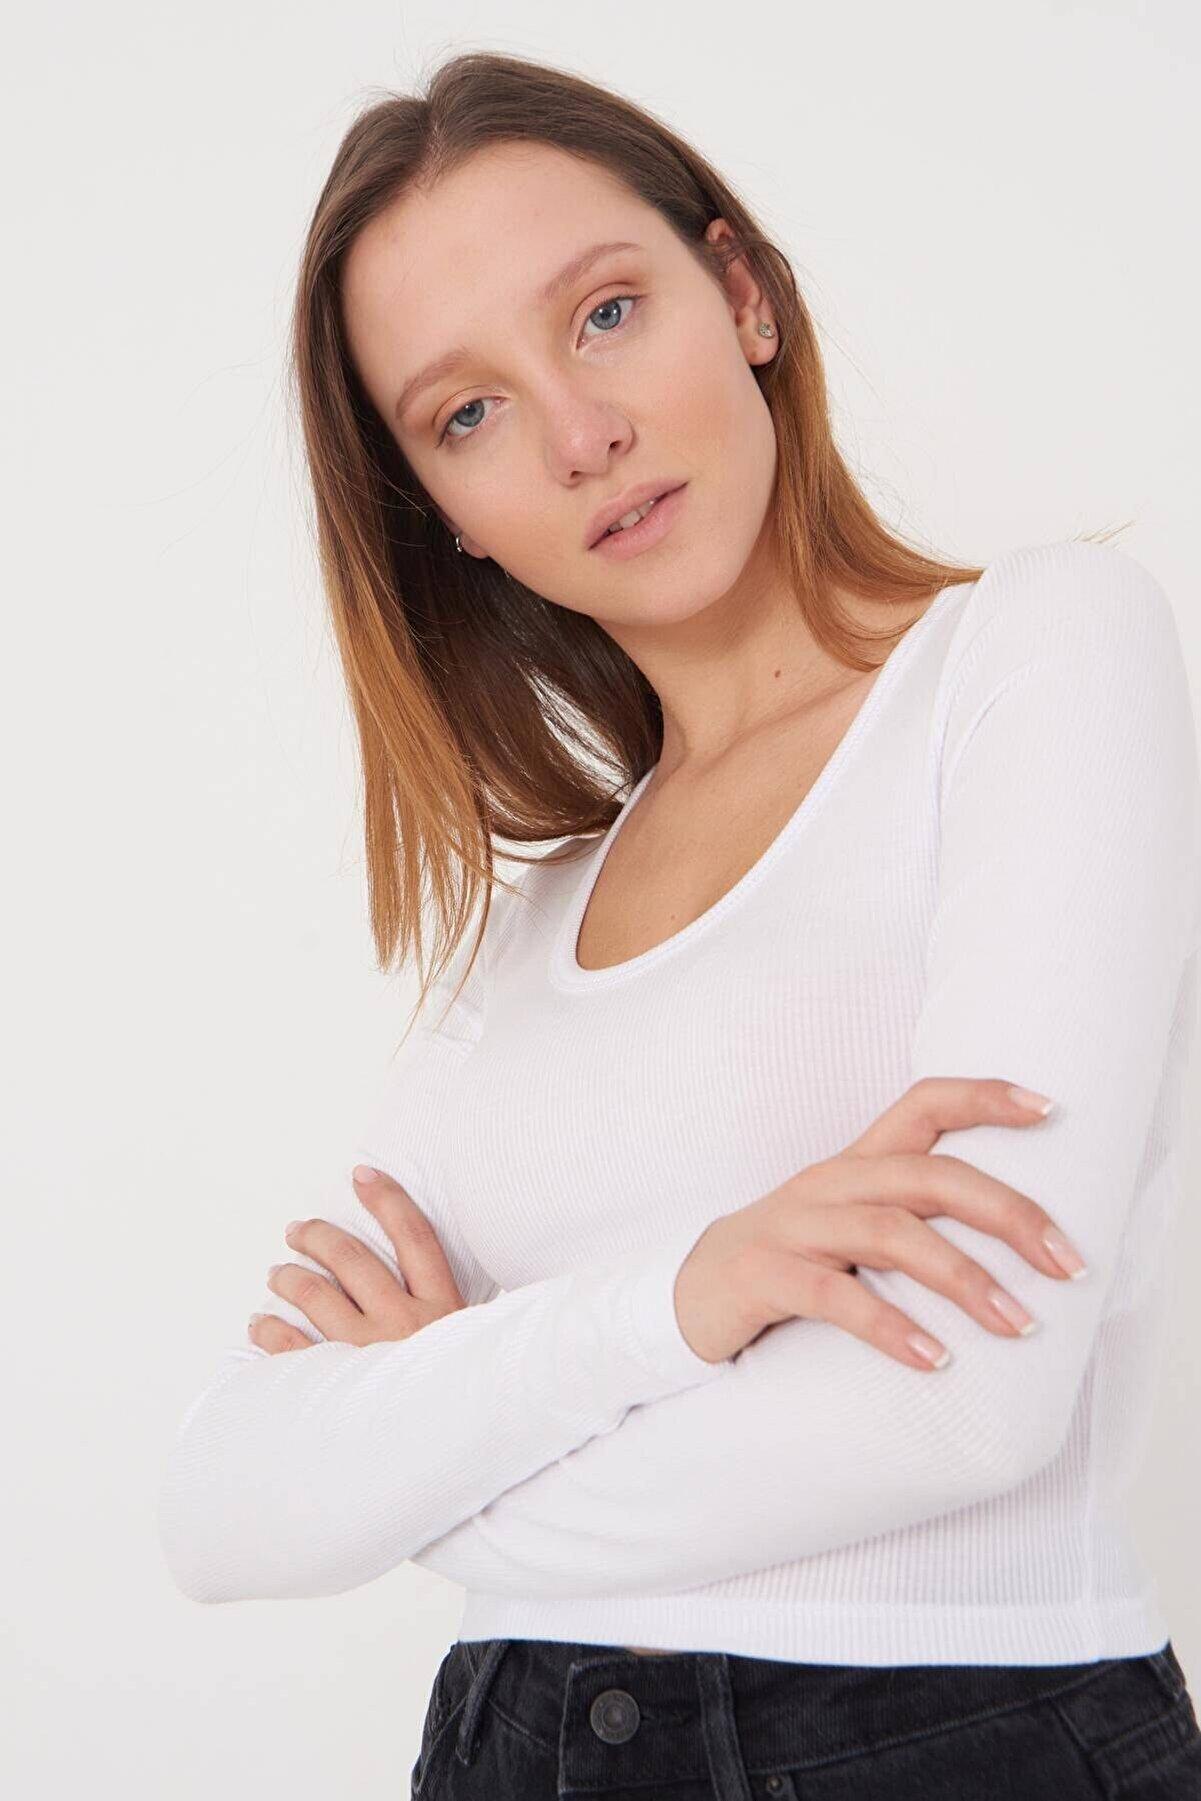 Addax Kadın Beyaz Basic Bluz B1090 - T13 Adx-0000023405